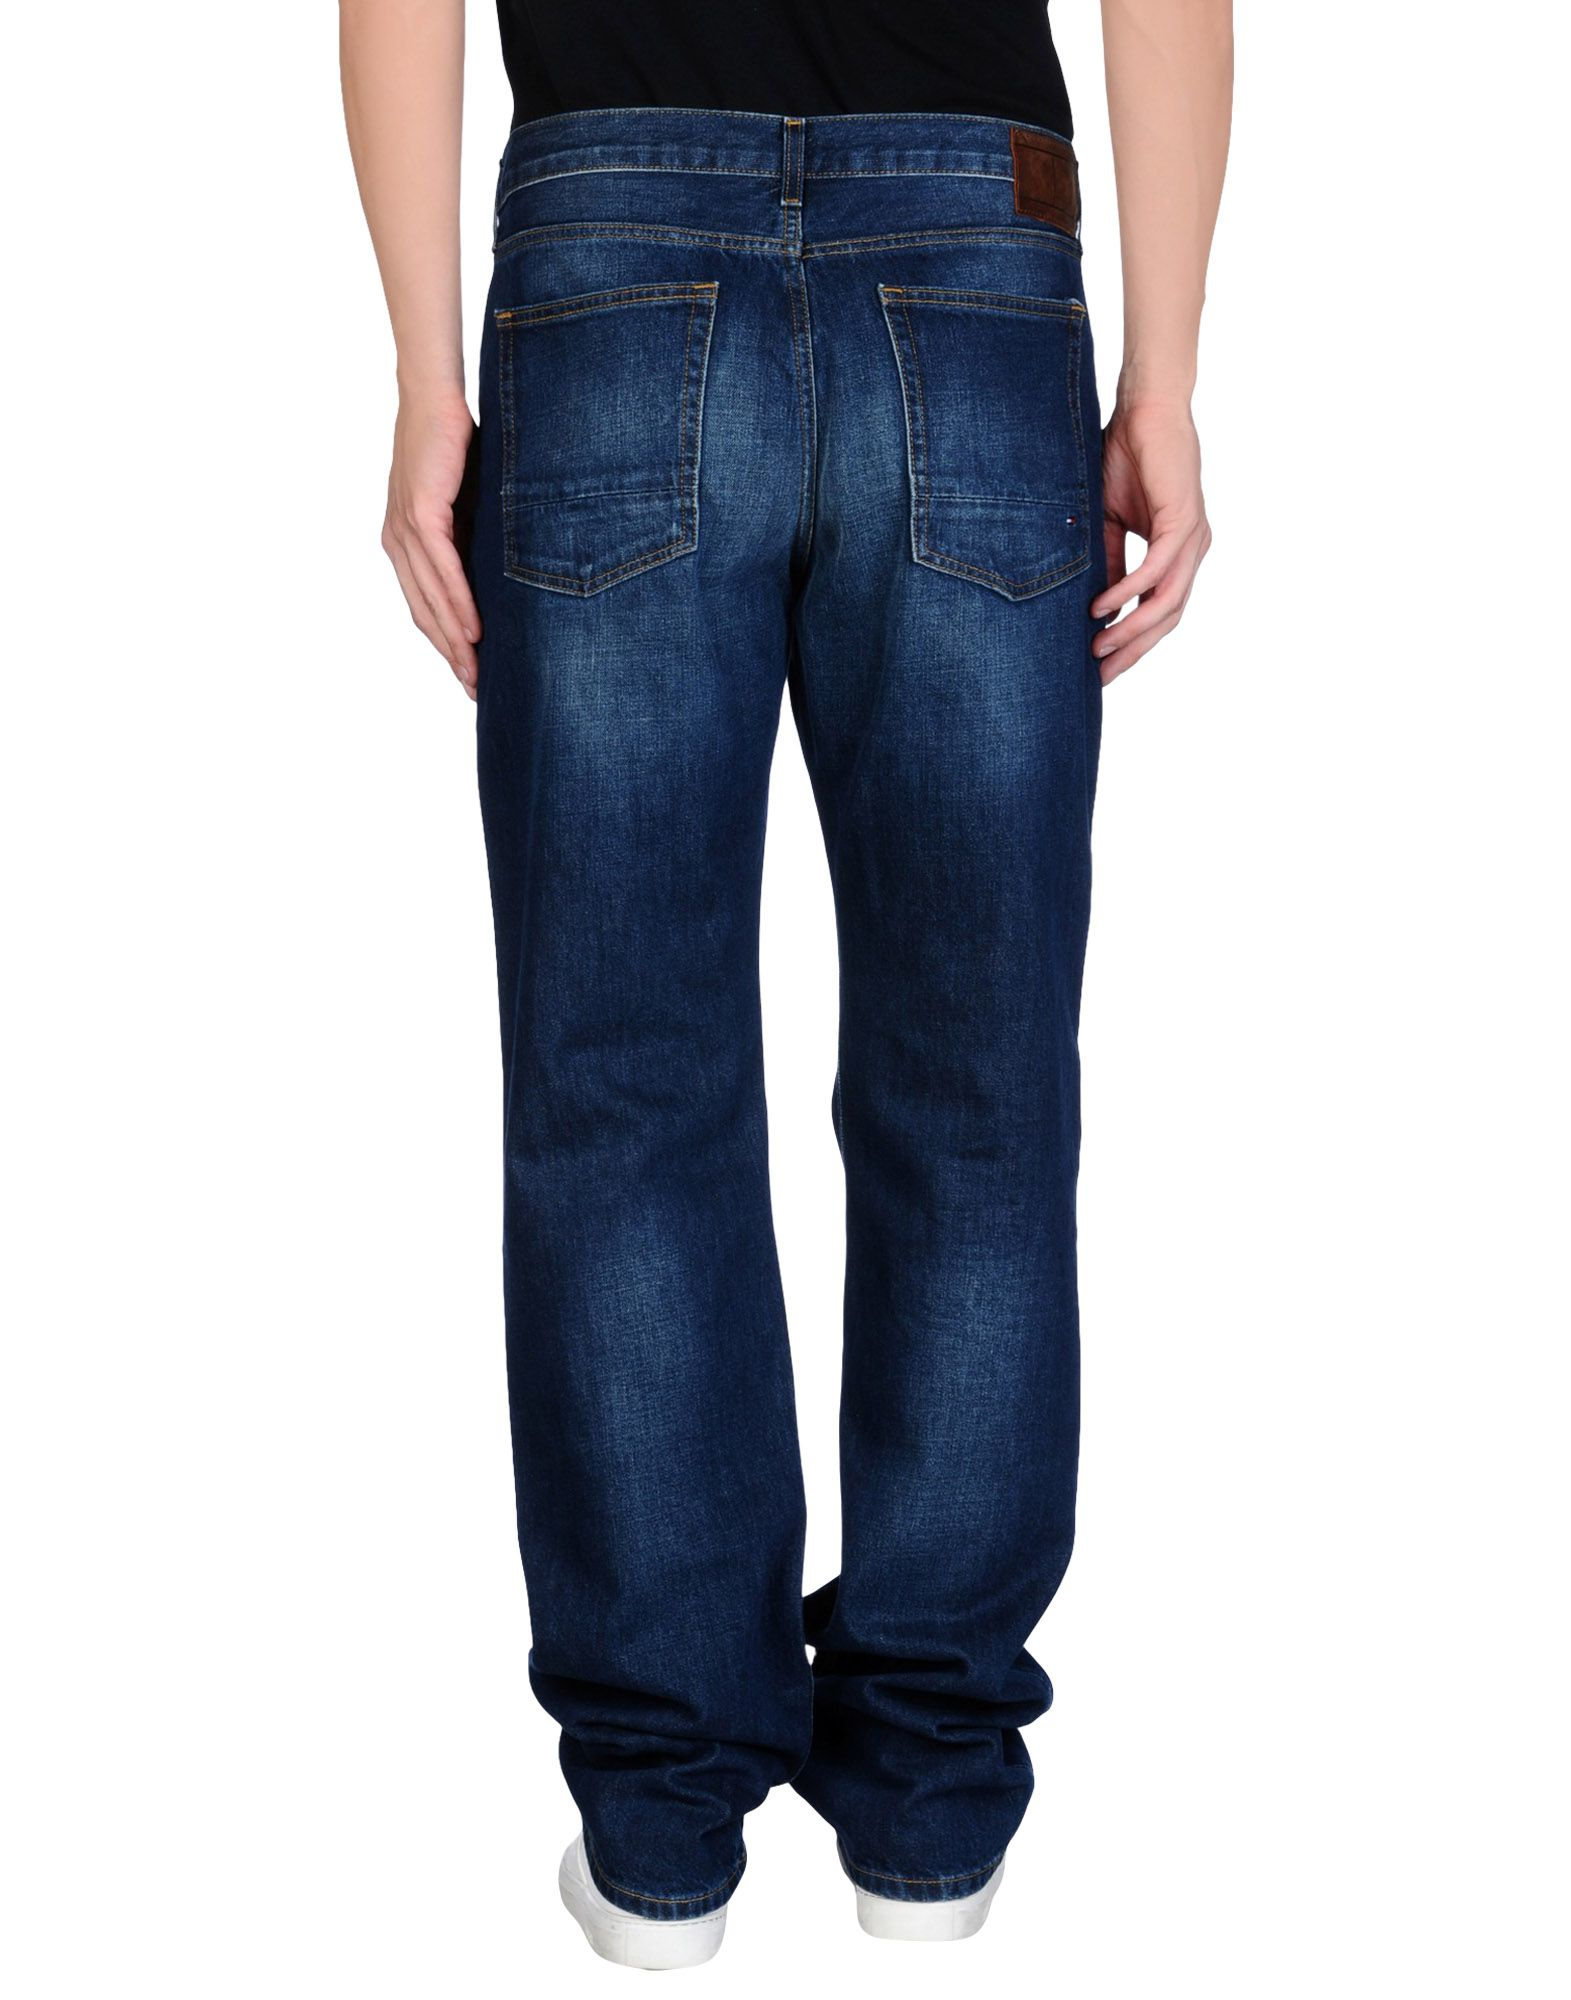 tommy hilfiger denim trousers in blue for men lyst. Black Bedroom Furniture Sets. Home Design Ideas